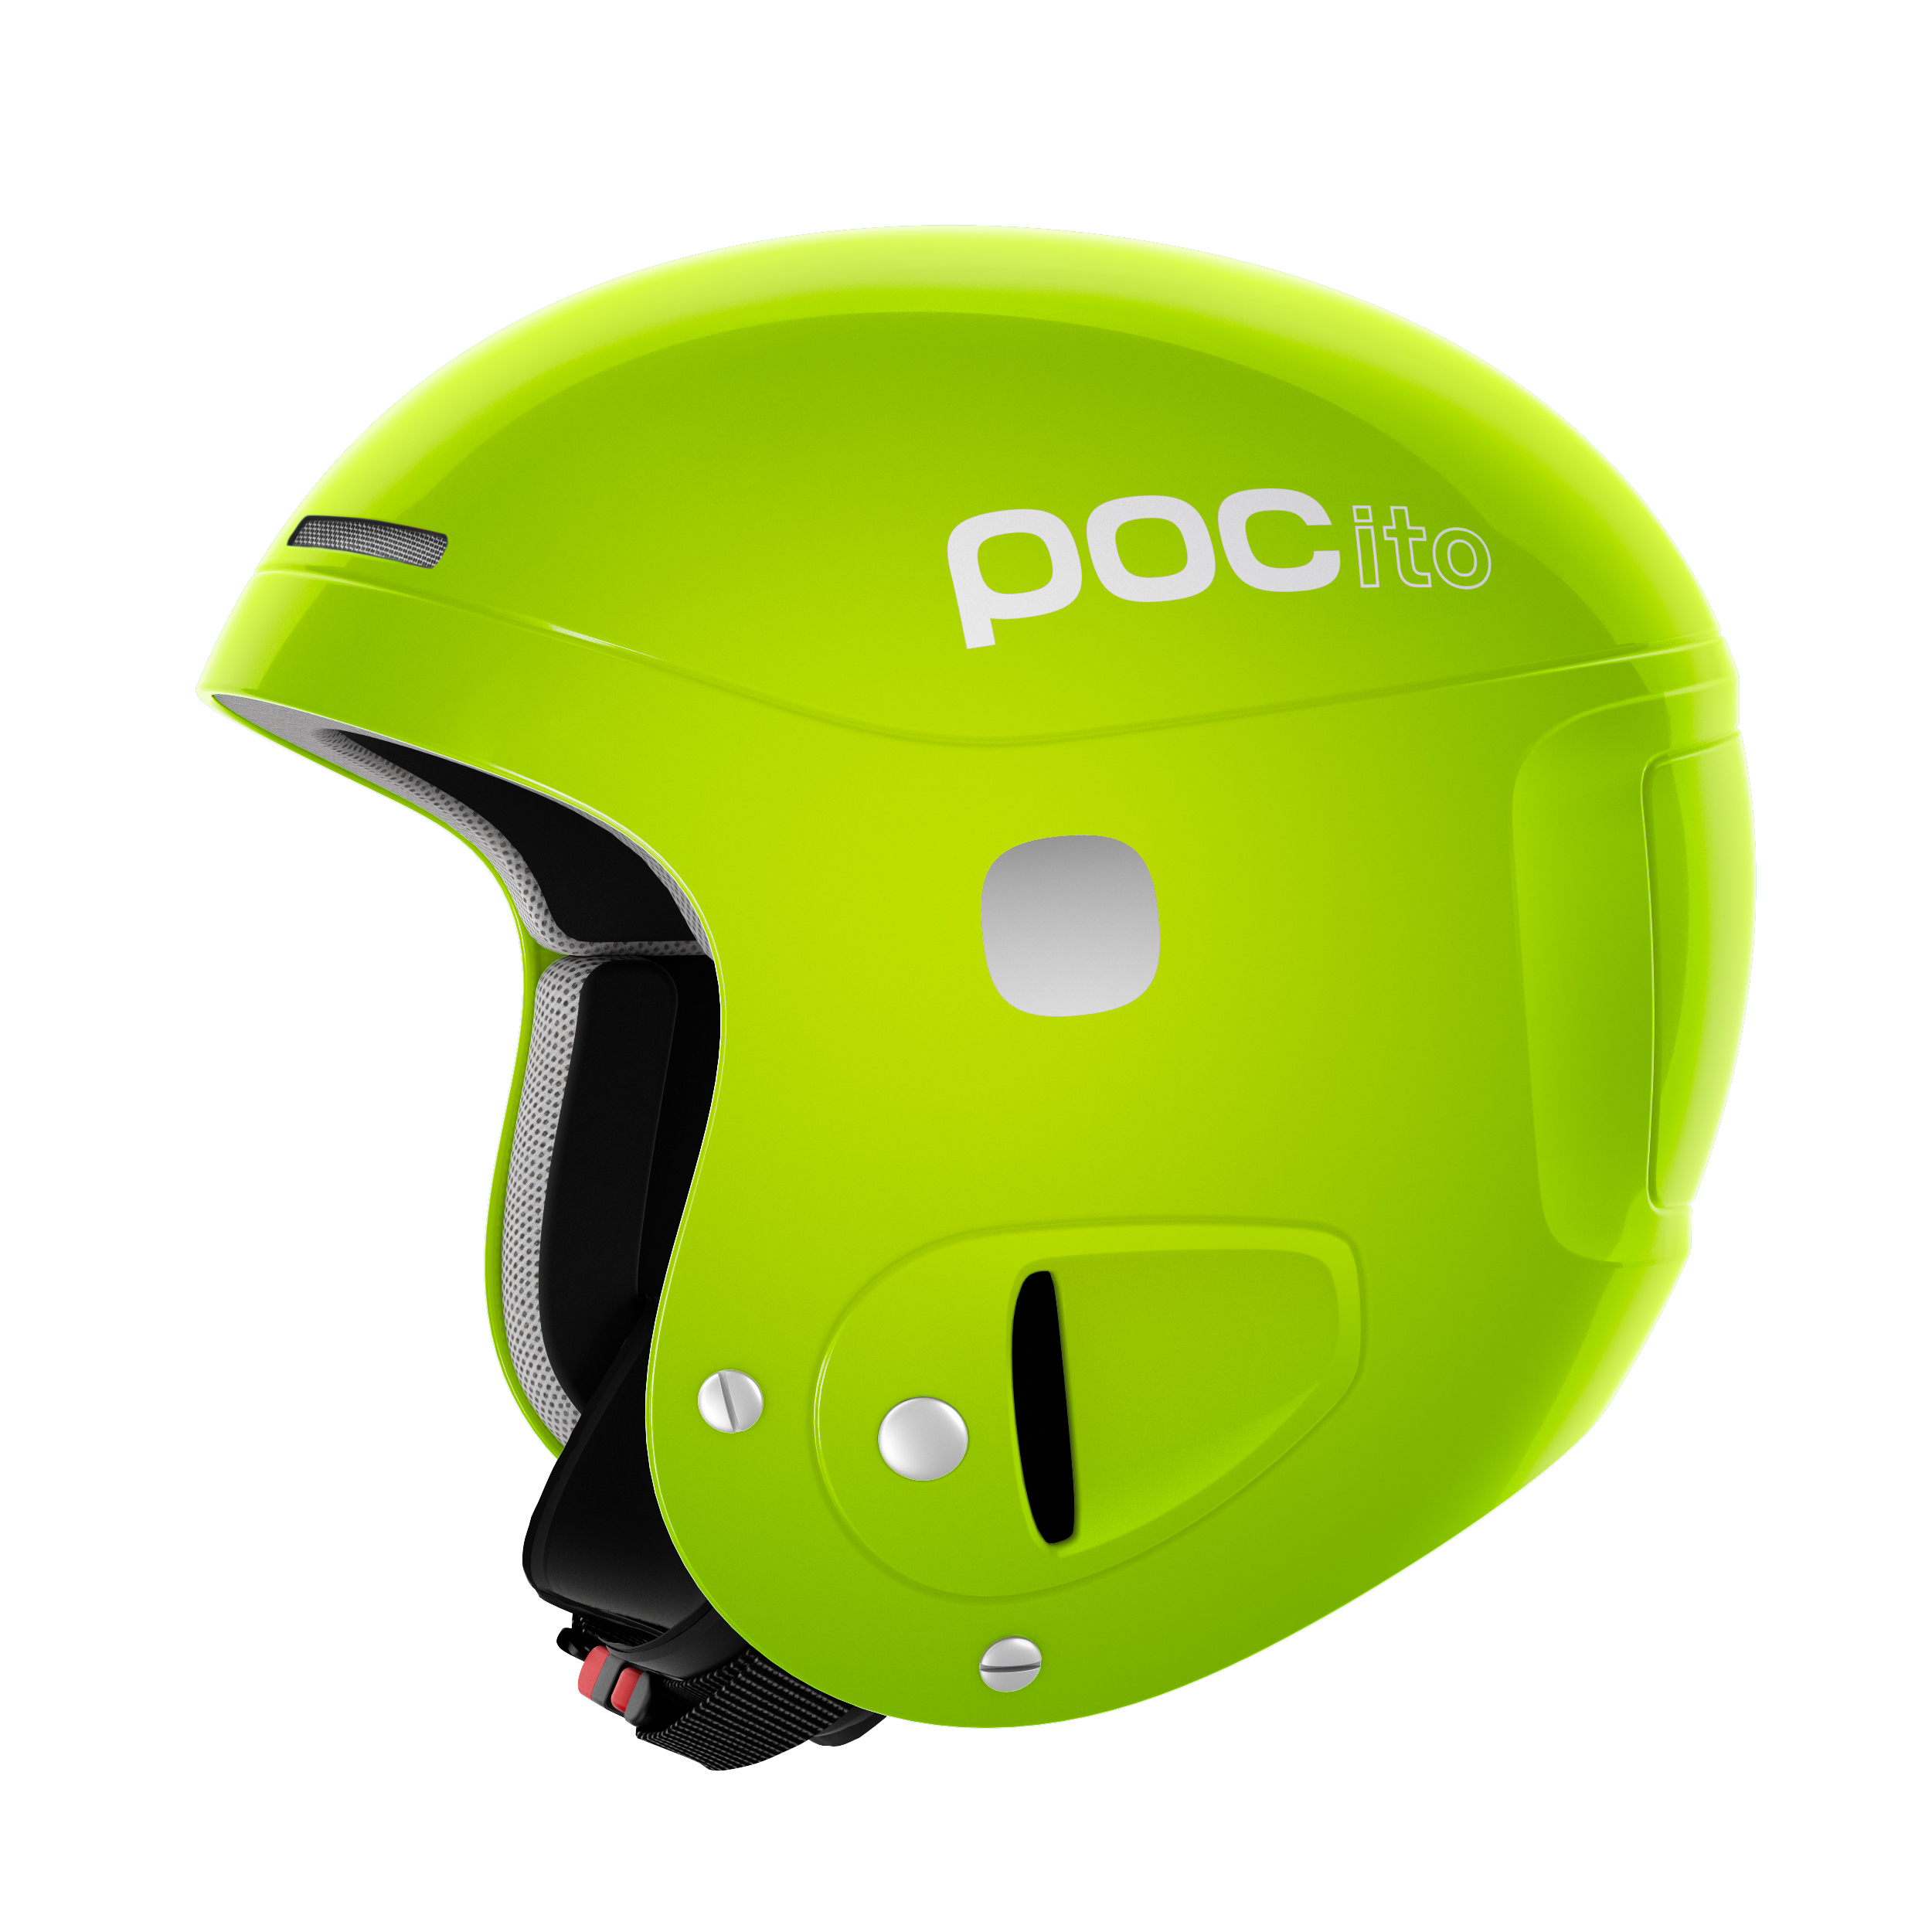 POC Skihelm Pocito Casco Unisex